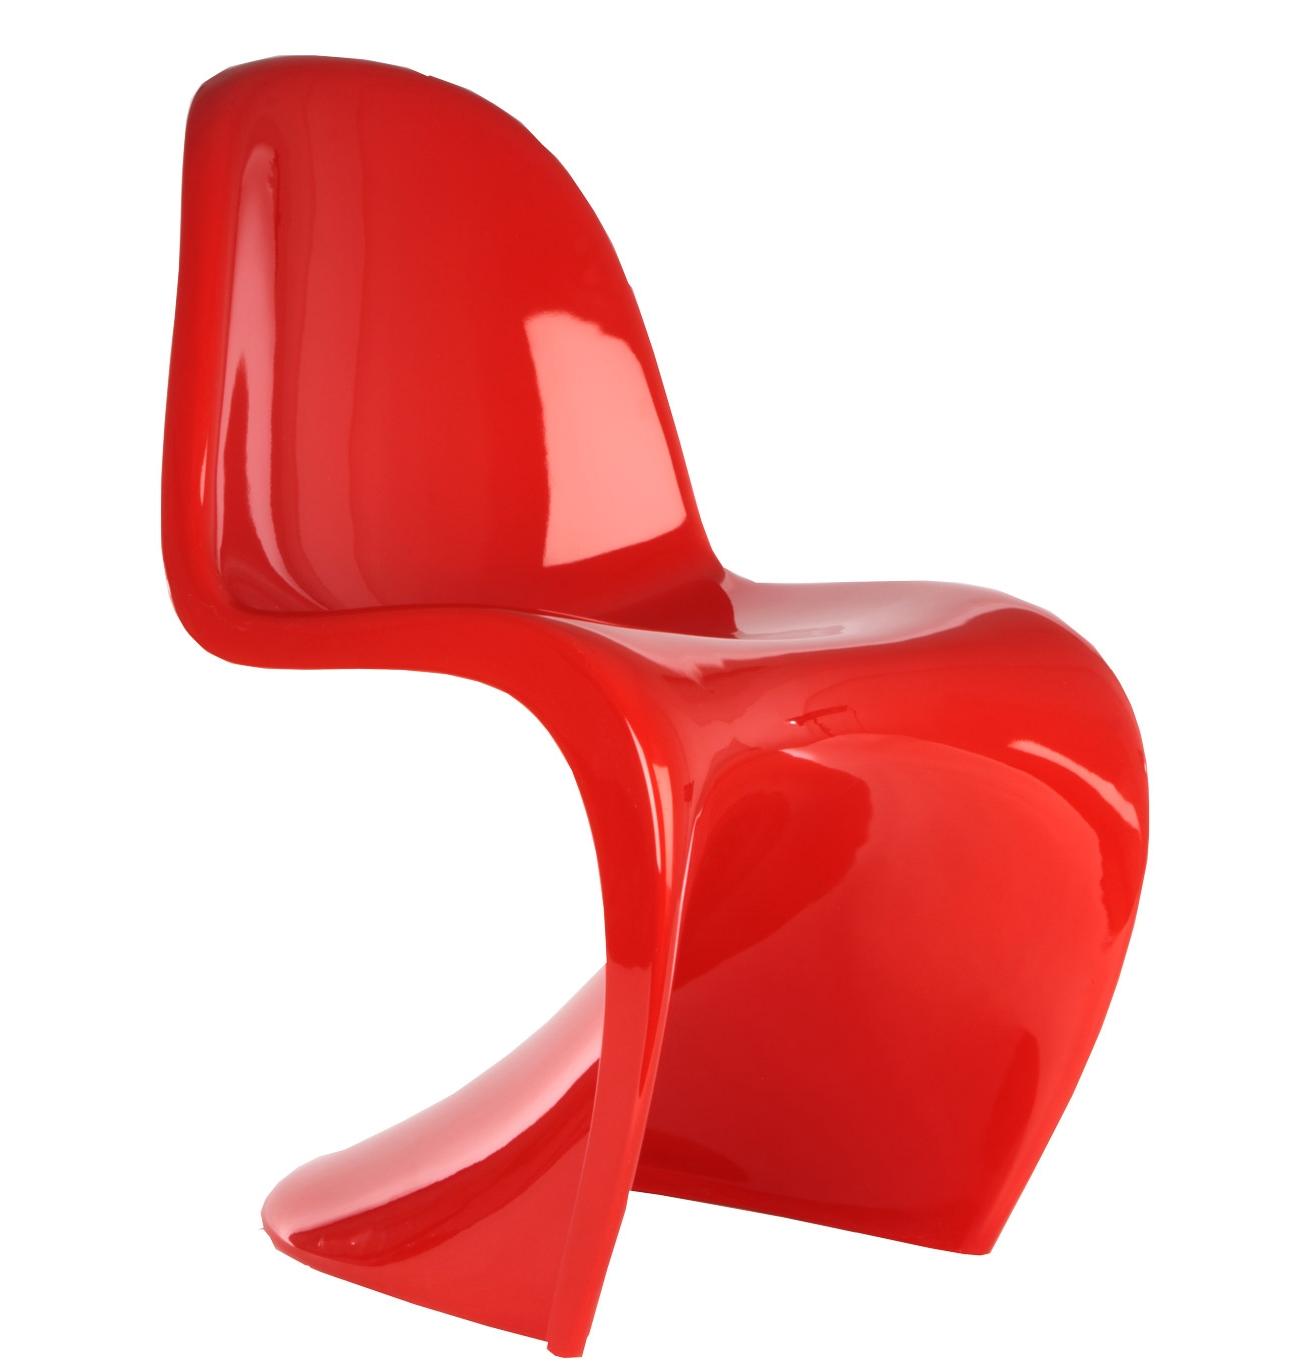 replica verner panton chair premium farbe und licht im kontext. Black Bedroom Furniture Sets. Home Design Ideas